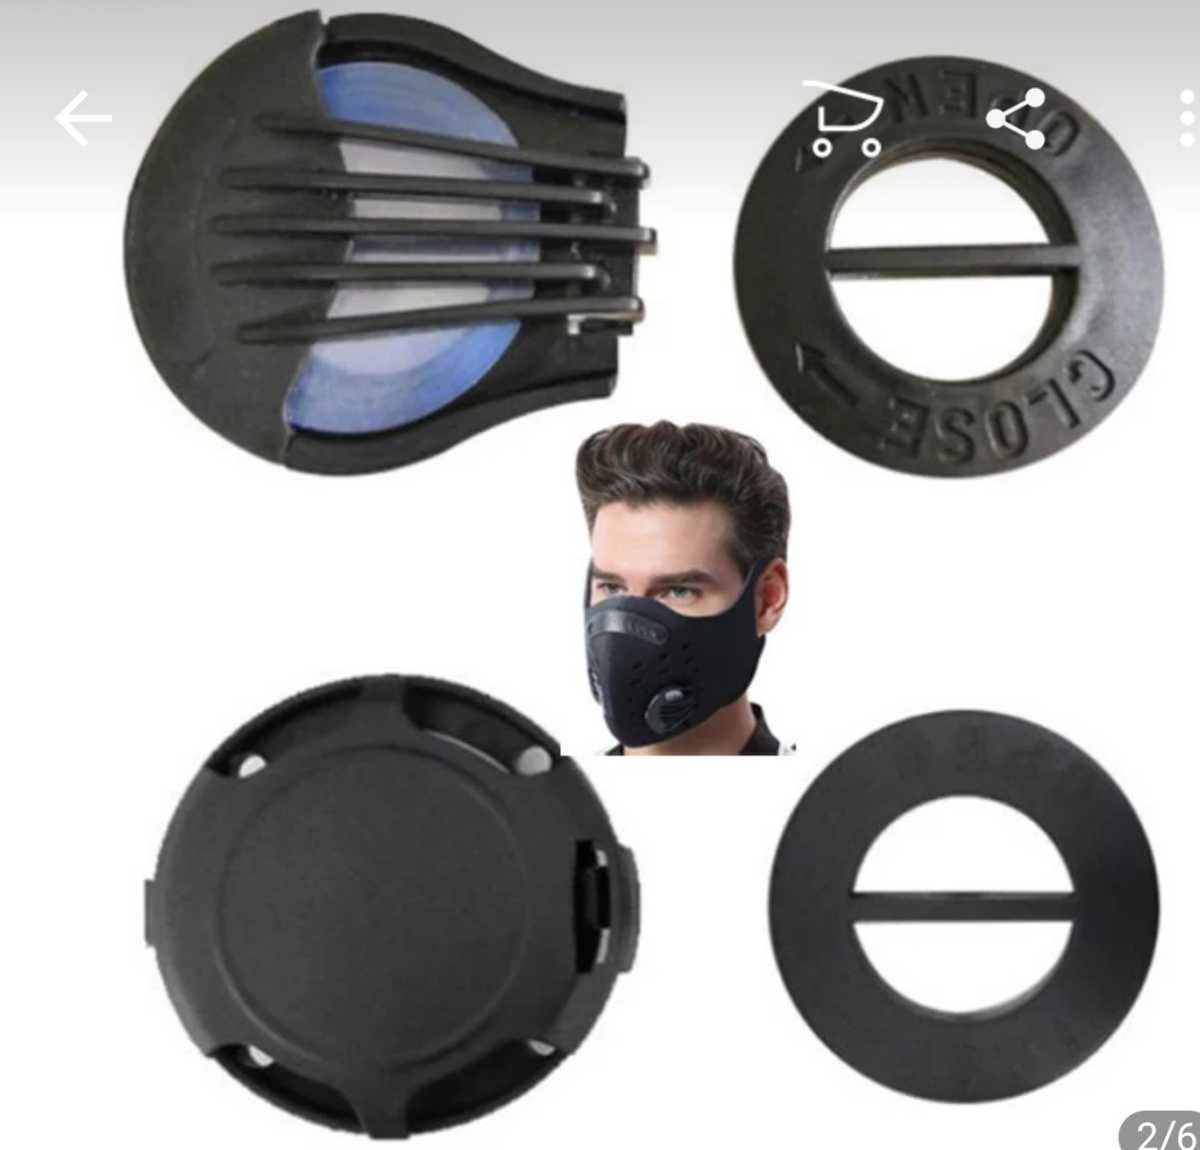 マスク用 パーツ バルブ 10個 ベンチレーション エアー 蒸れない 夏 手作り ハンドメイド エア 国内在庫!日本人 国内発送!_画像3